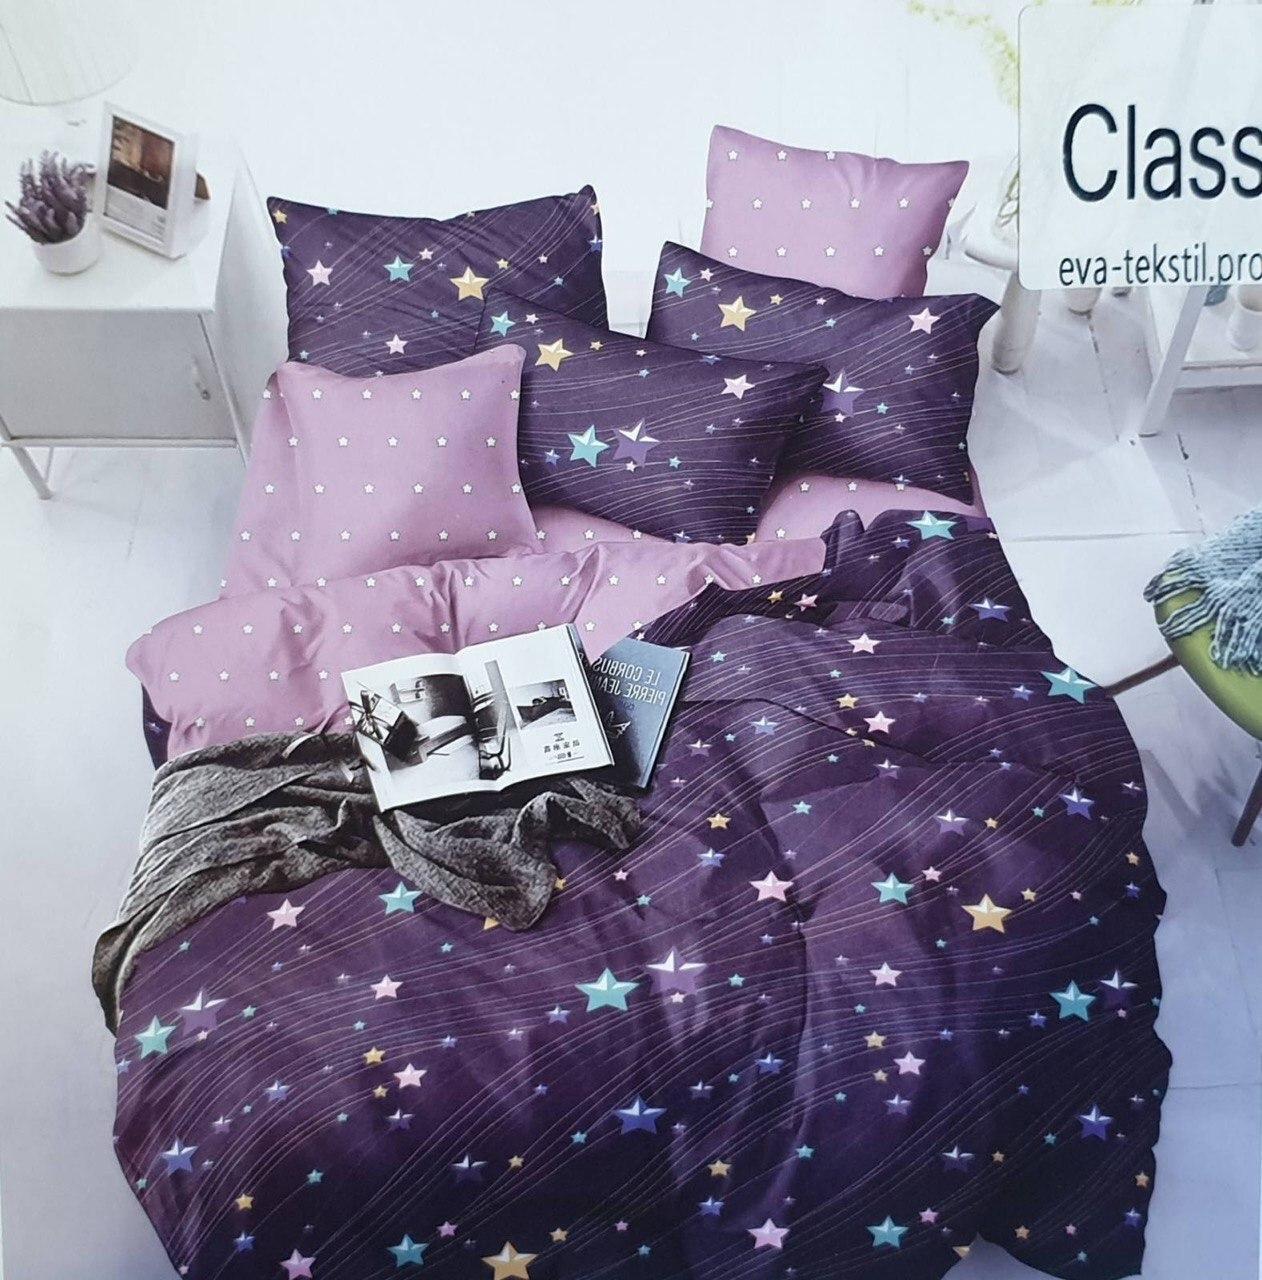 Двухспальный комплект постельного белья со звездами